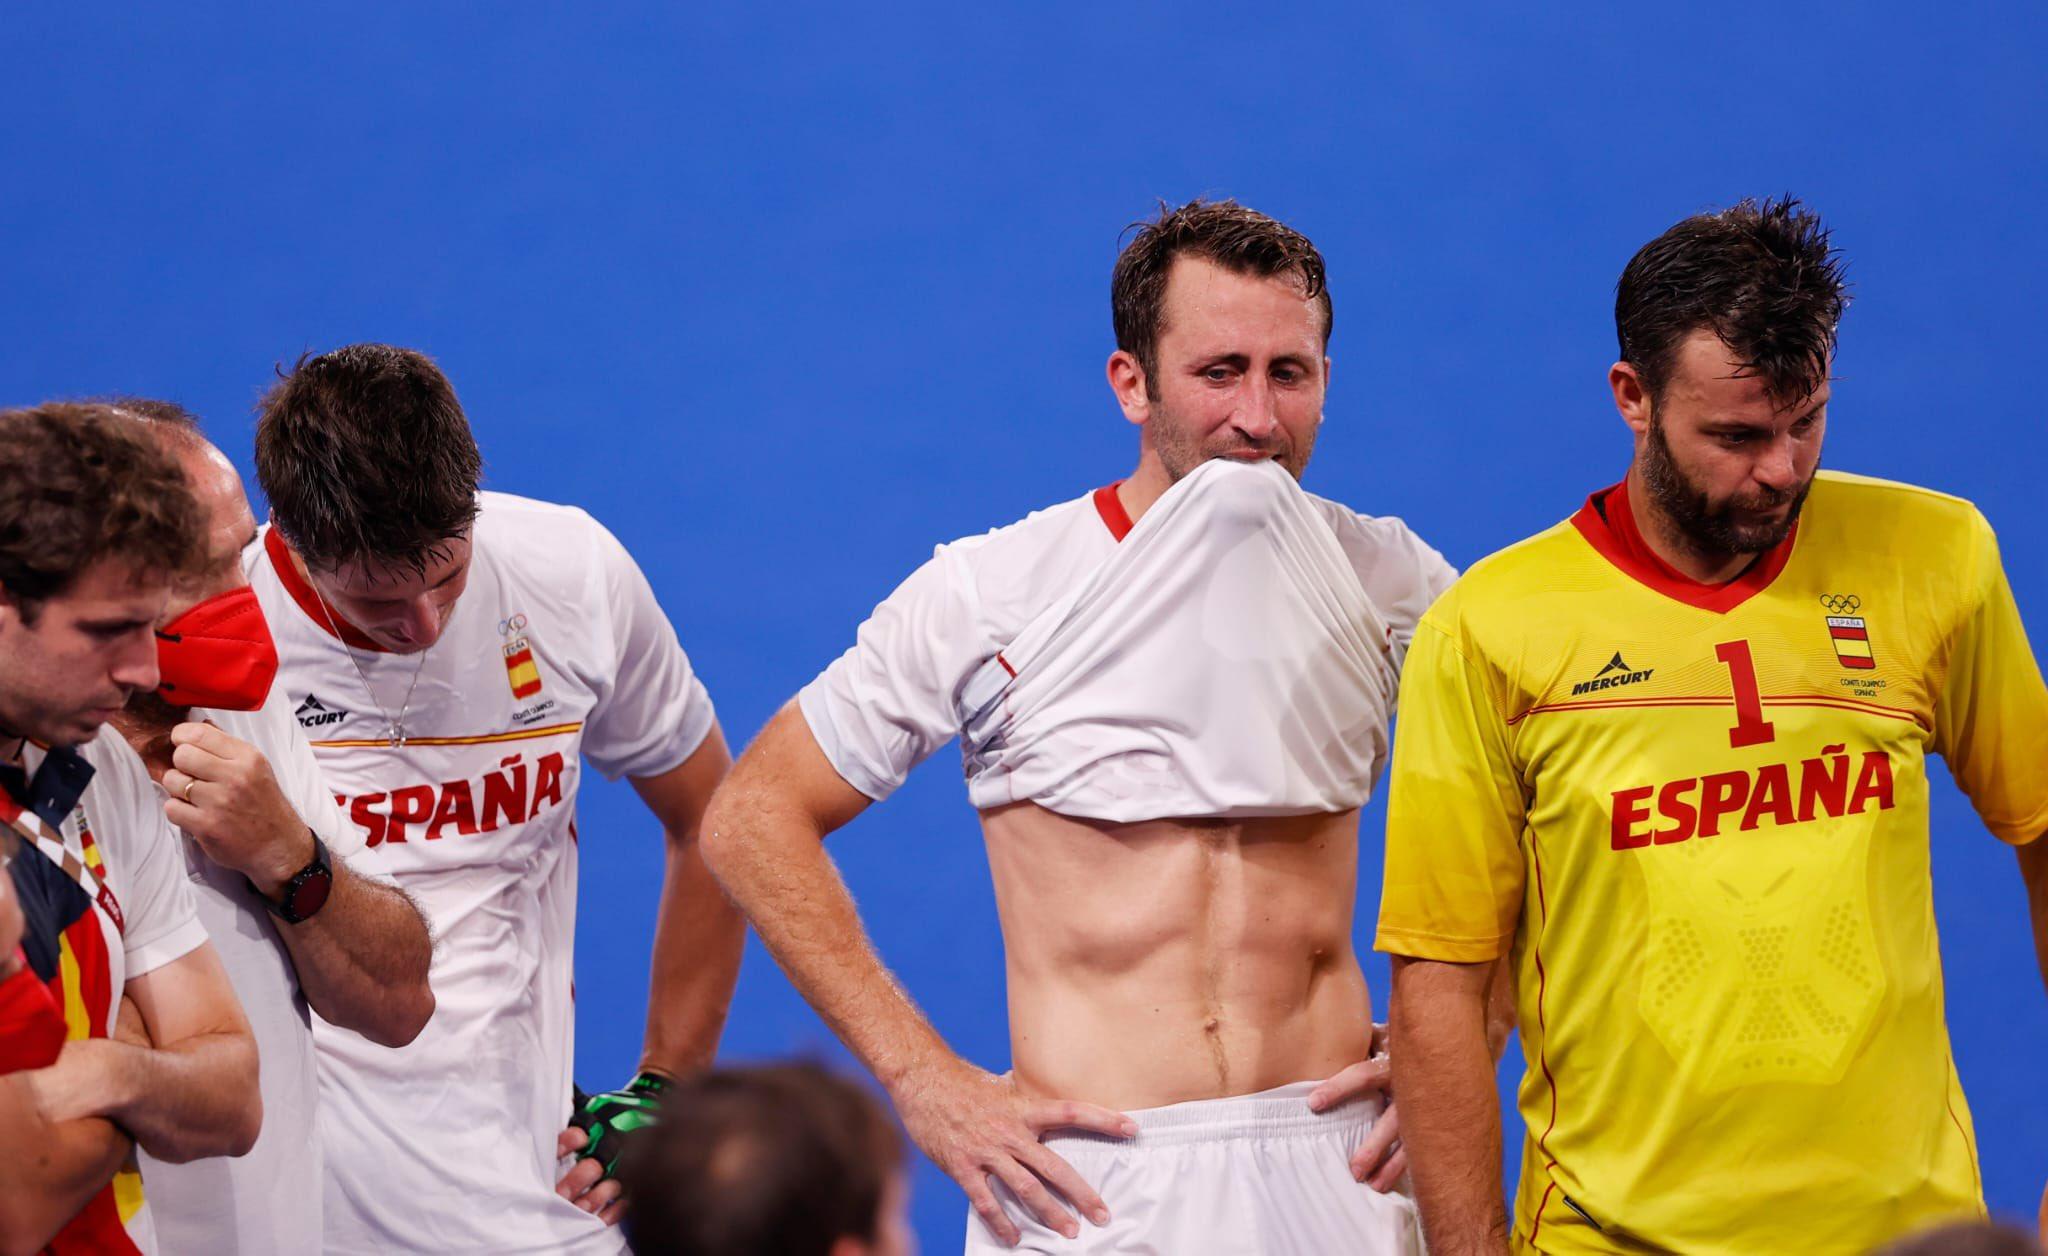 Derrota a quarts de la selecció espanyola als Jocs de Tòquio | COE